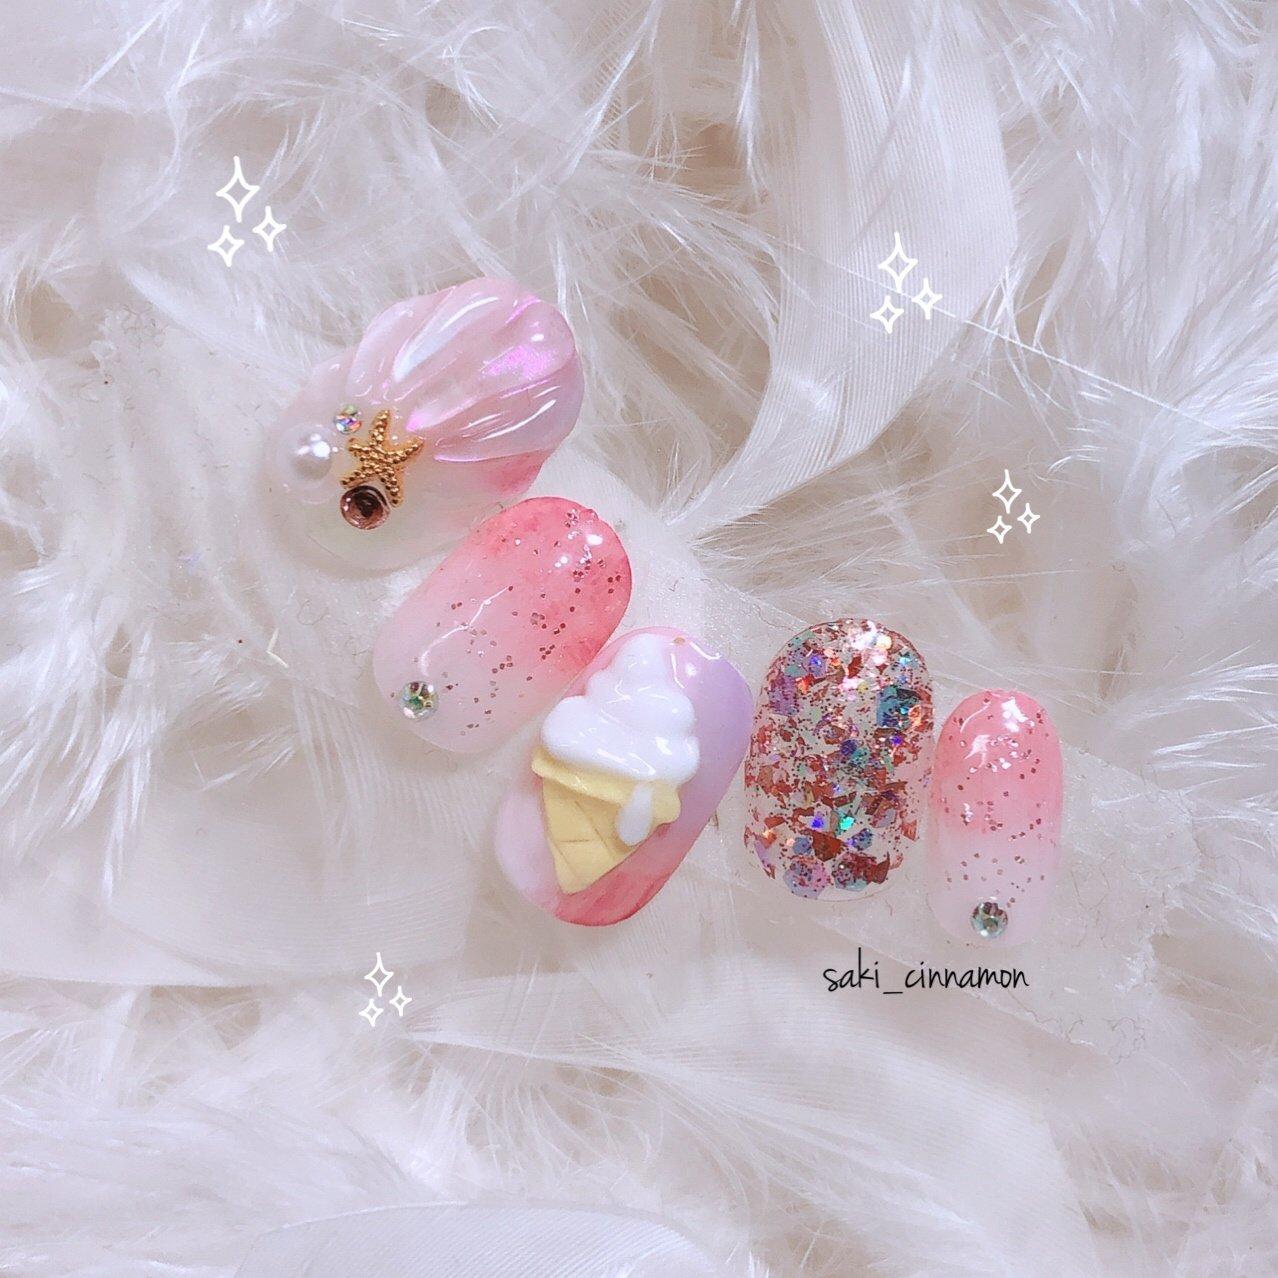 夏〜😆😋🍦🦄🍬💫✨   #ネイル #ジェルネイル #ネイルアート #nail #nails #nailart #gelnail #福岡ネイル #福岡ネイルサロン #大牟田ネイル #美甲 #ゆめかわネイル #夏 #ラメ #3D #人魚の鱗 #スイーツ #マーブル #ピンク #saki_cinnamon #ネイルブック